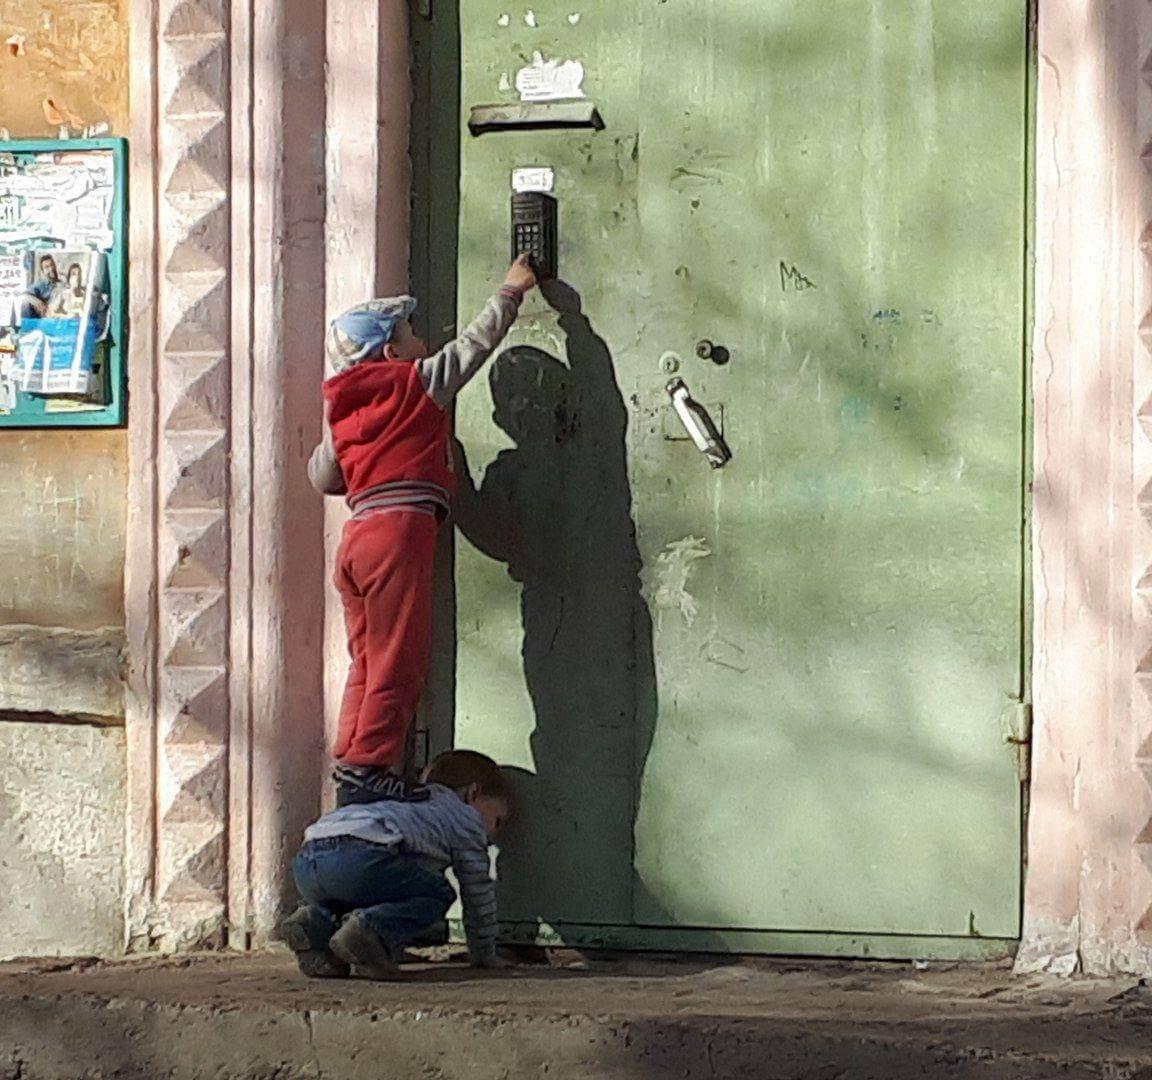 Bilderparade D LangweileDich.net_Bilderparade_D_134